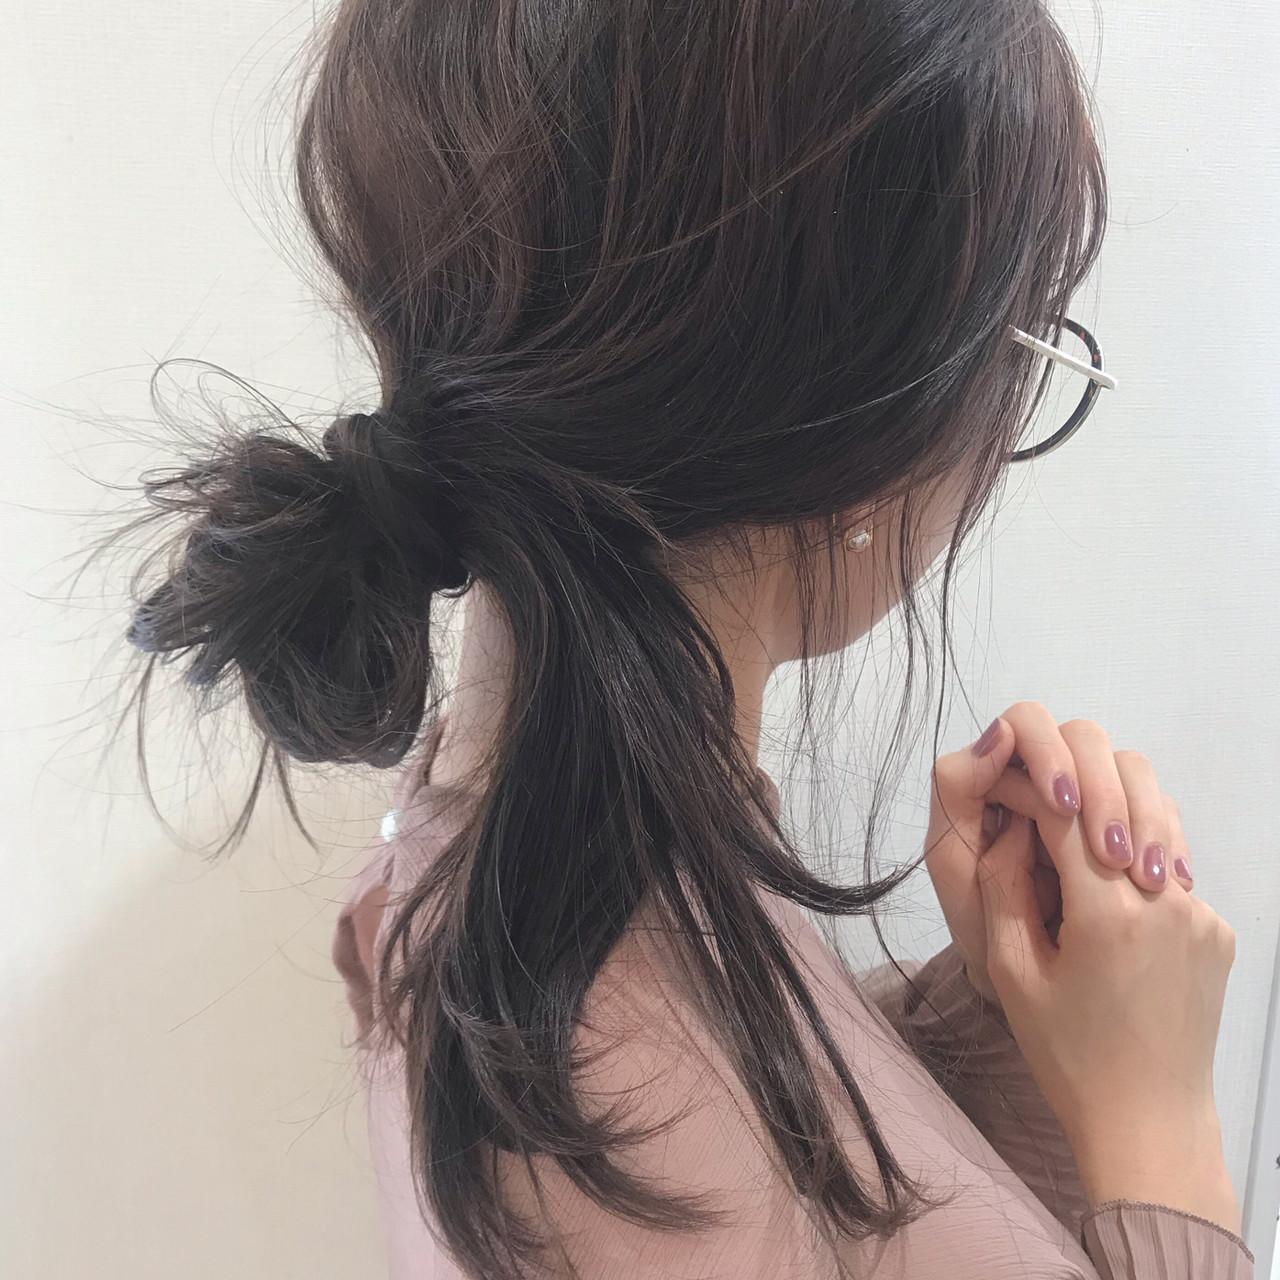 セミロング お団子ヘア ヘアアレンジ 簡単ヘアアレンジ ヘアスタイルや髪型の写真・画像